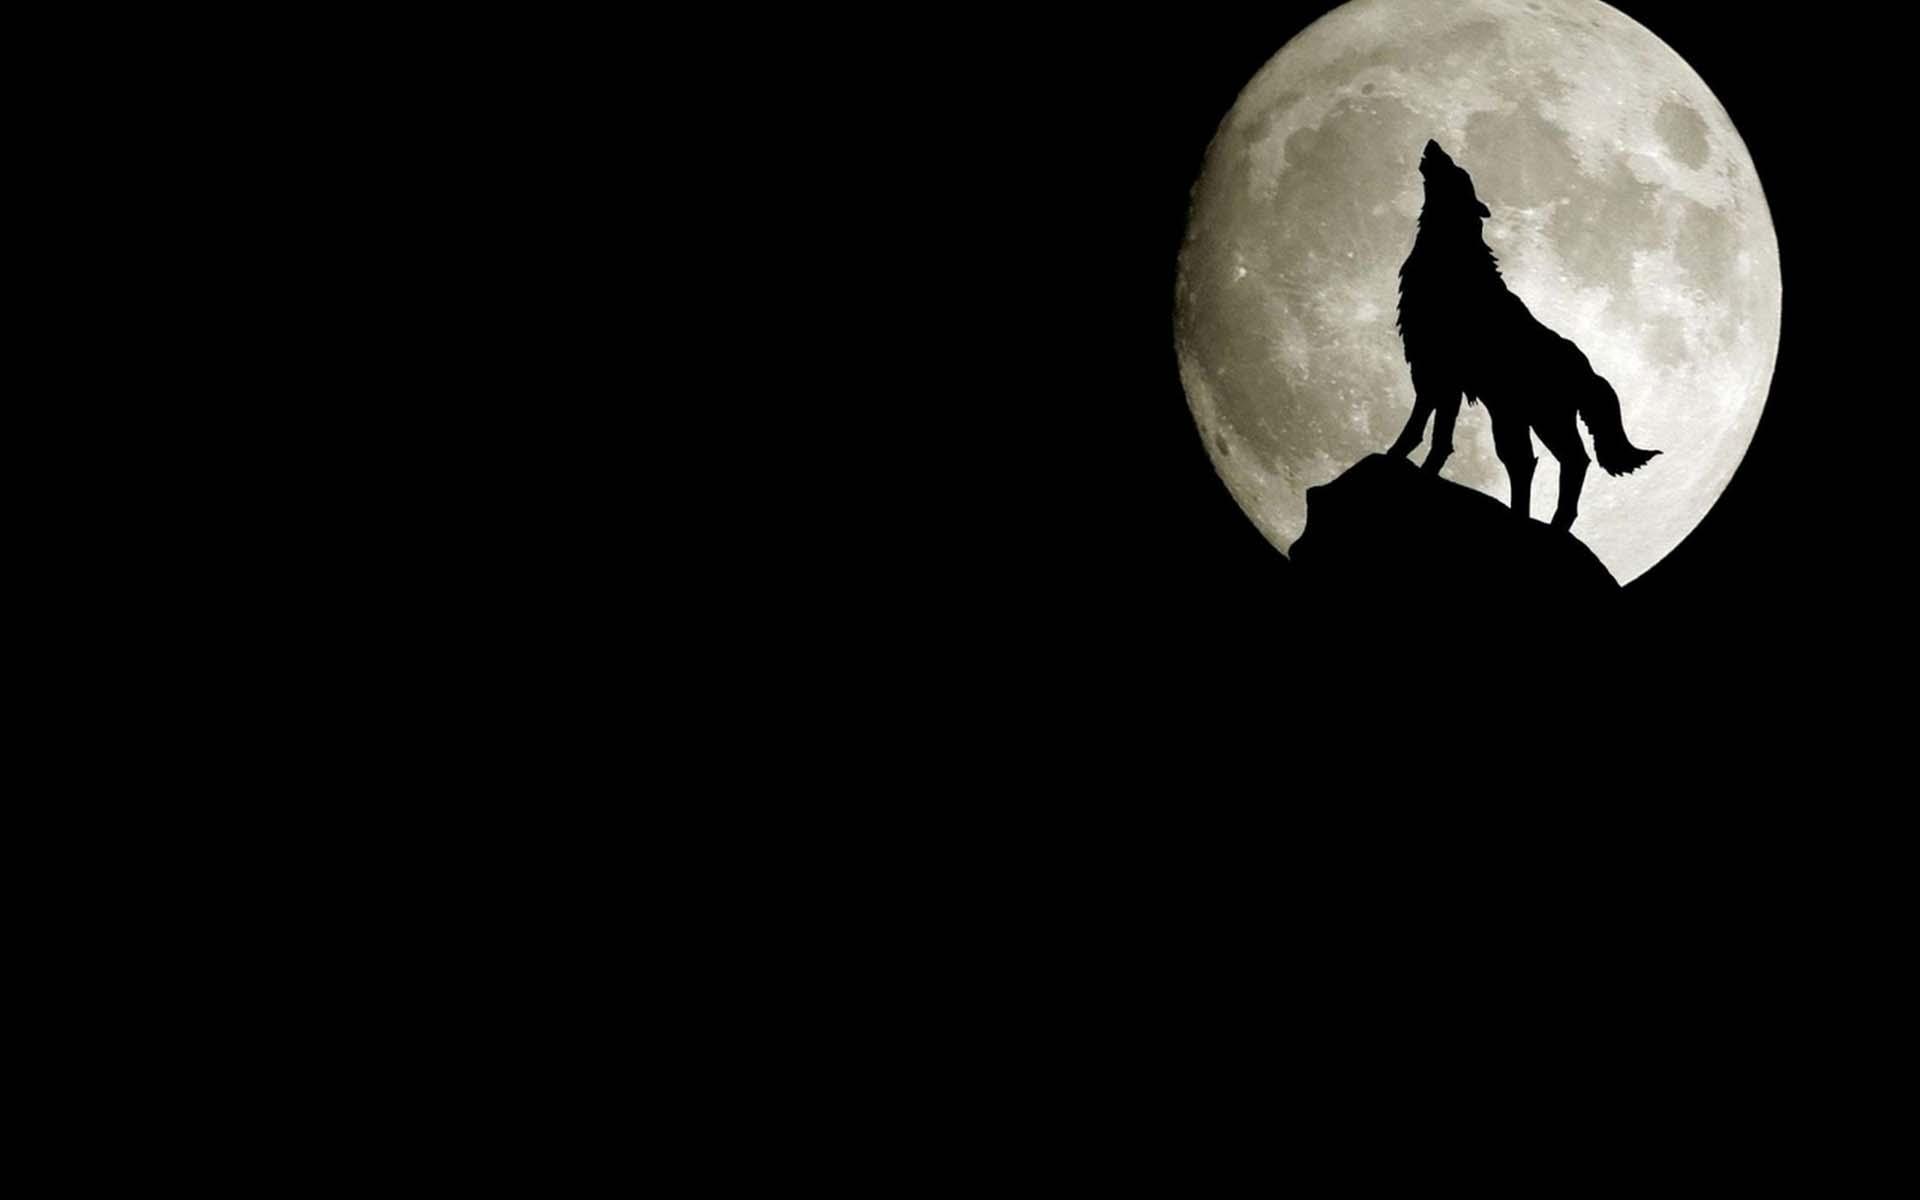 Hình nền đen chủ đề đêm tối